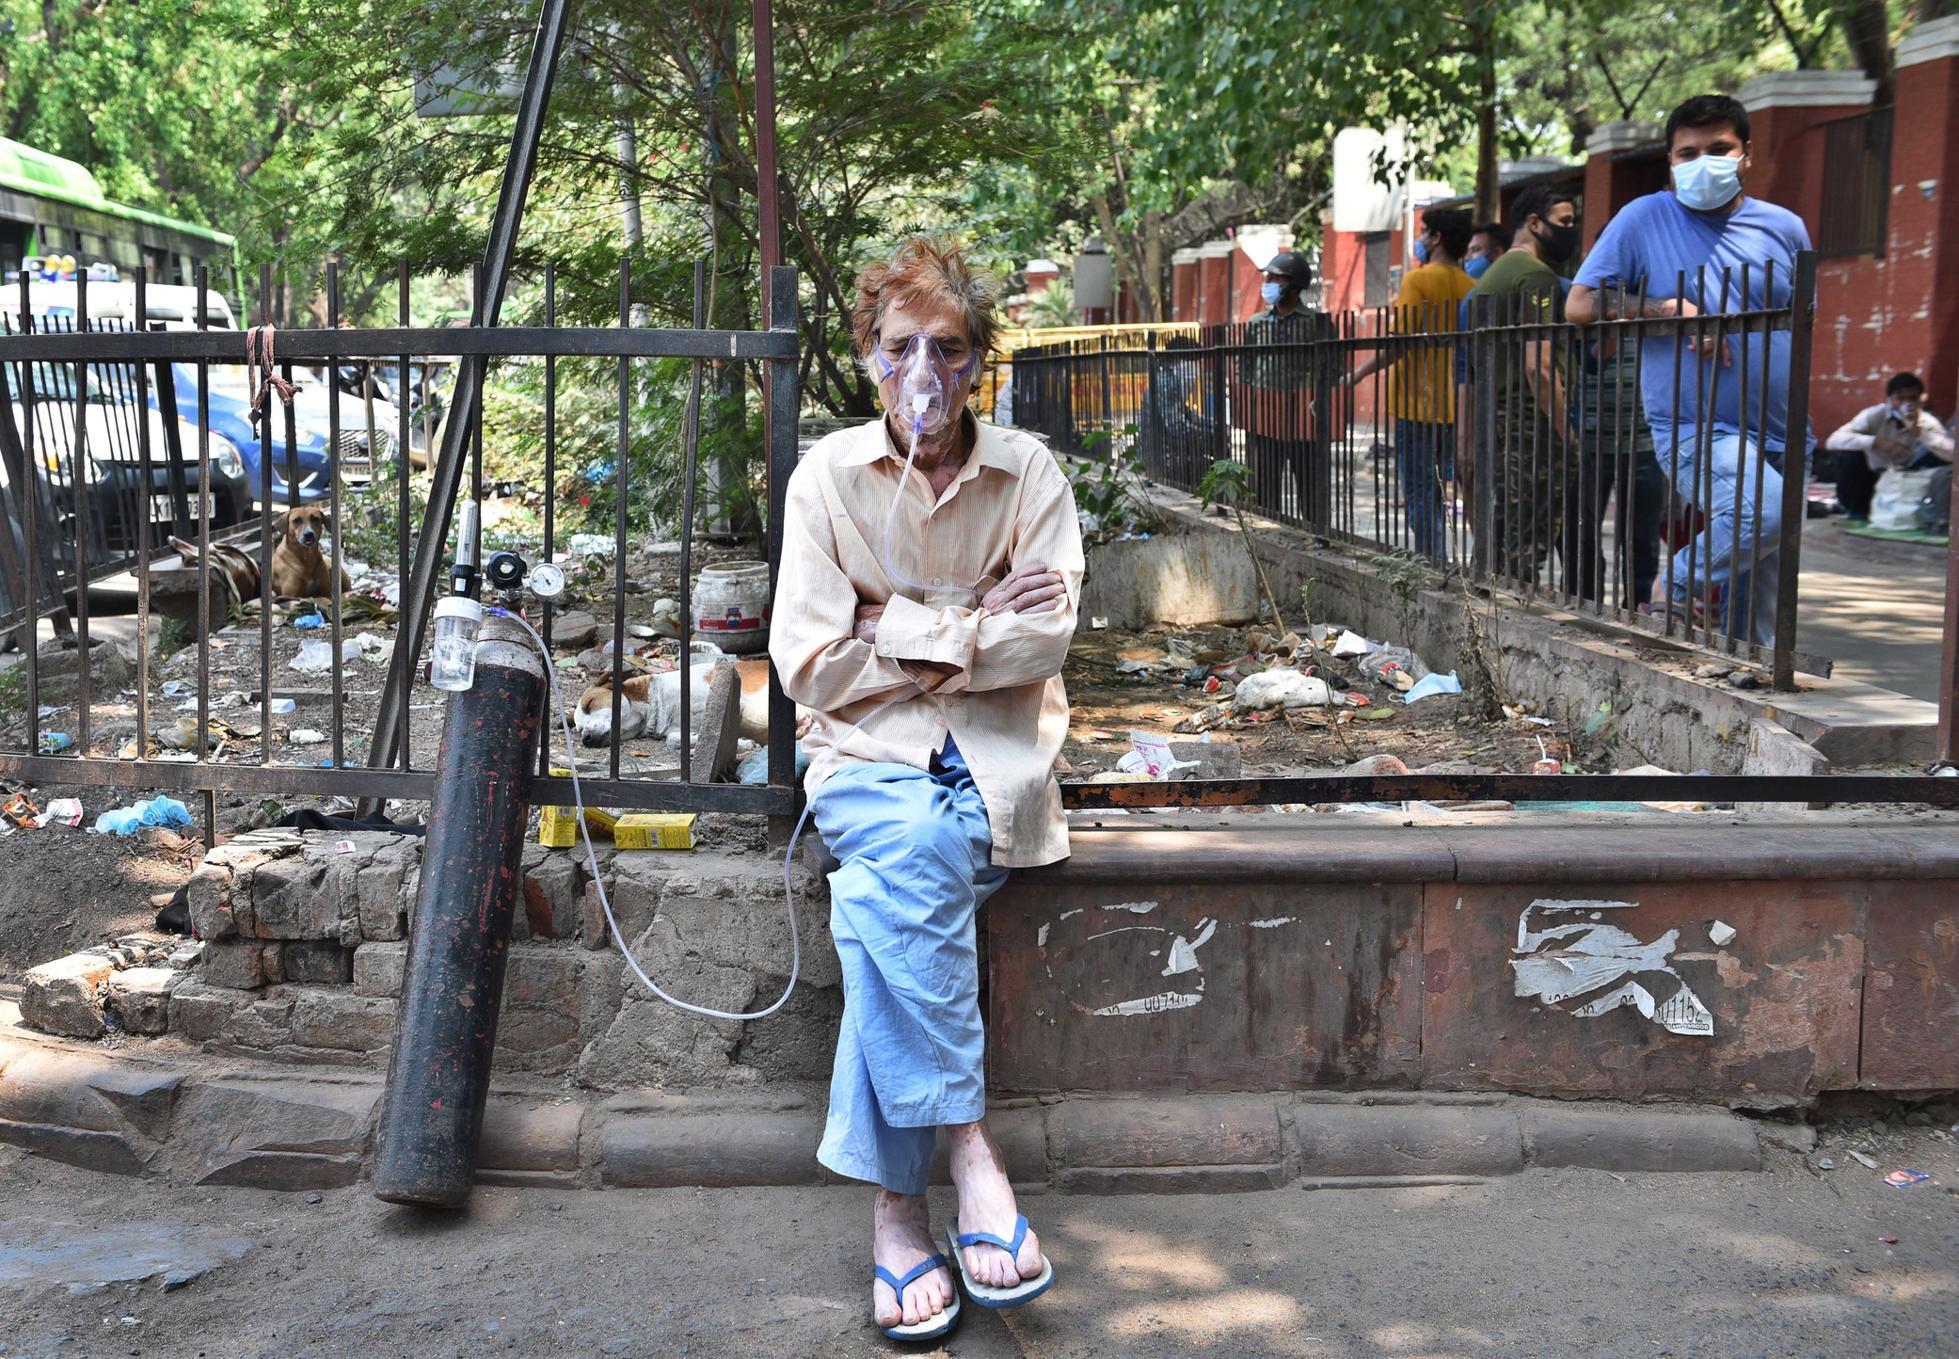 Delhi Hospitals Under Stress Amid Rising Covid Cases